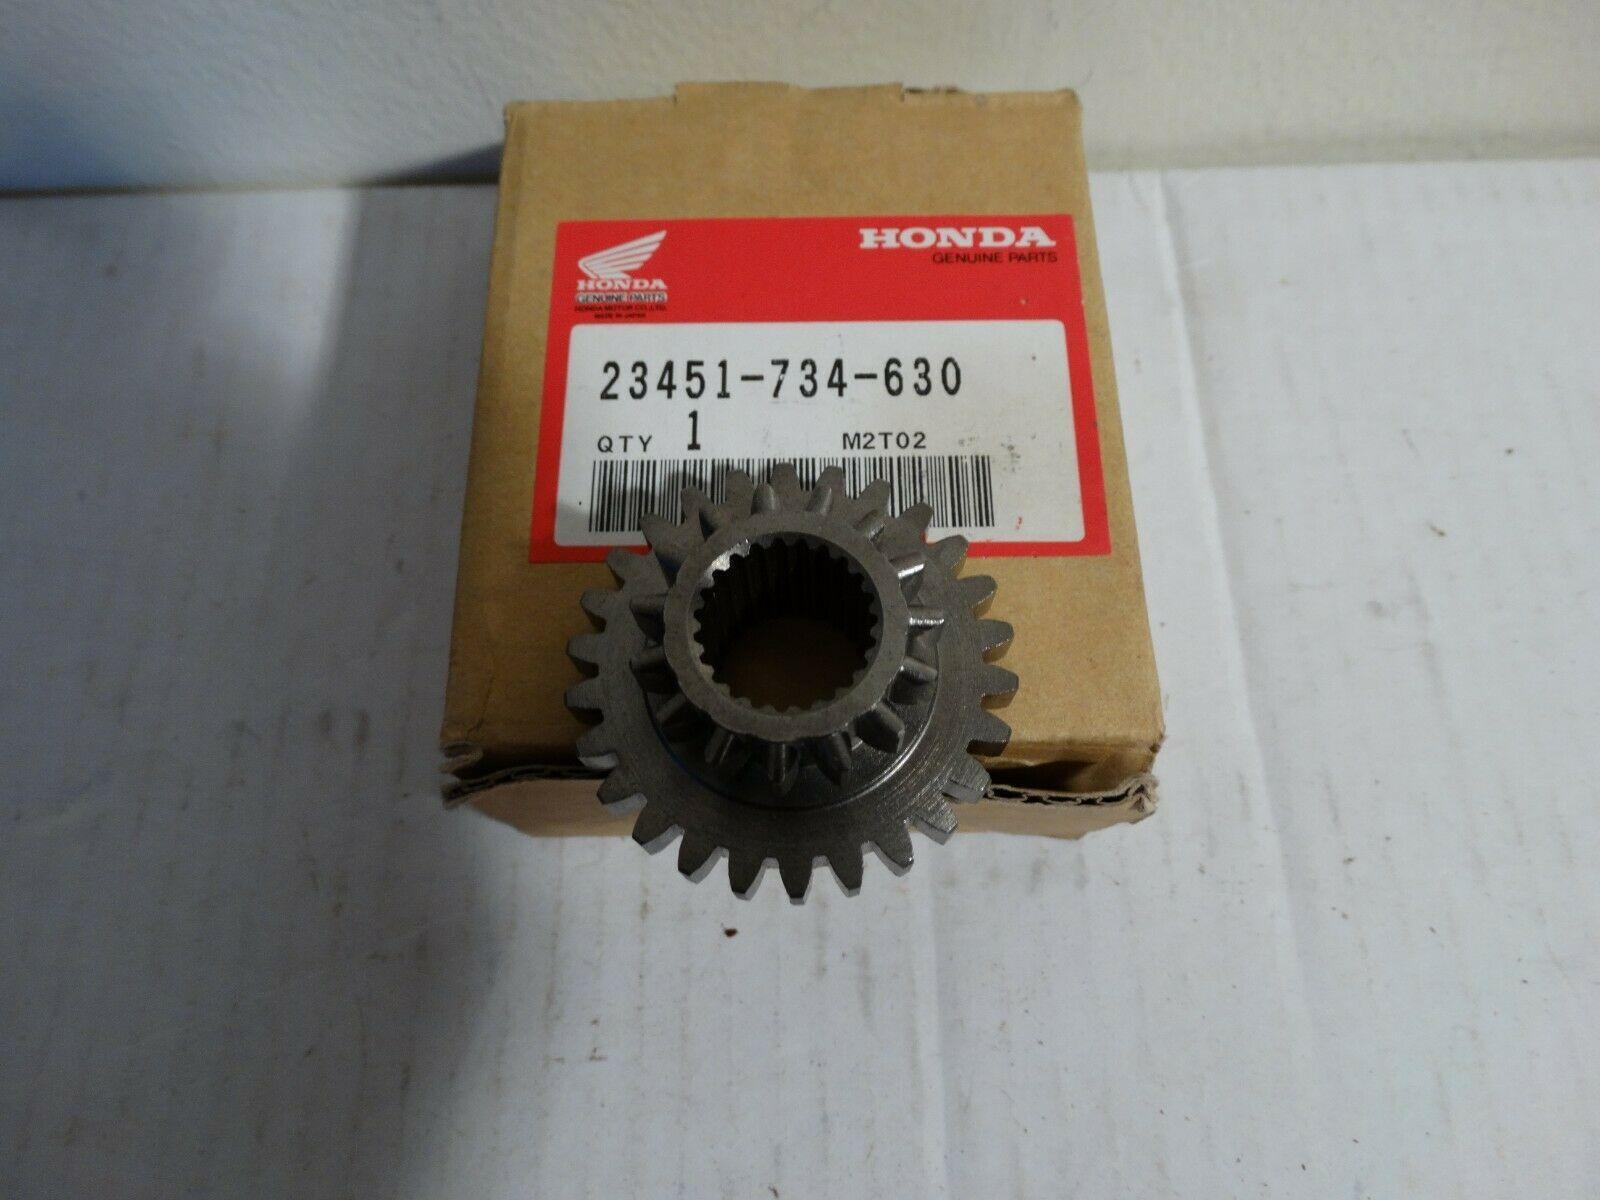 HONDA FR800 TILLER ROTOTILLER  TRANSMISSION GEAR 23451-734-630 - $20.00